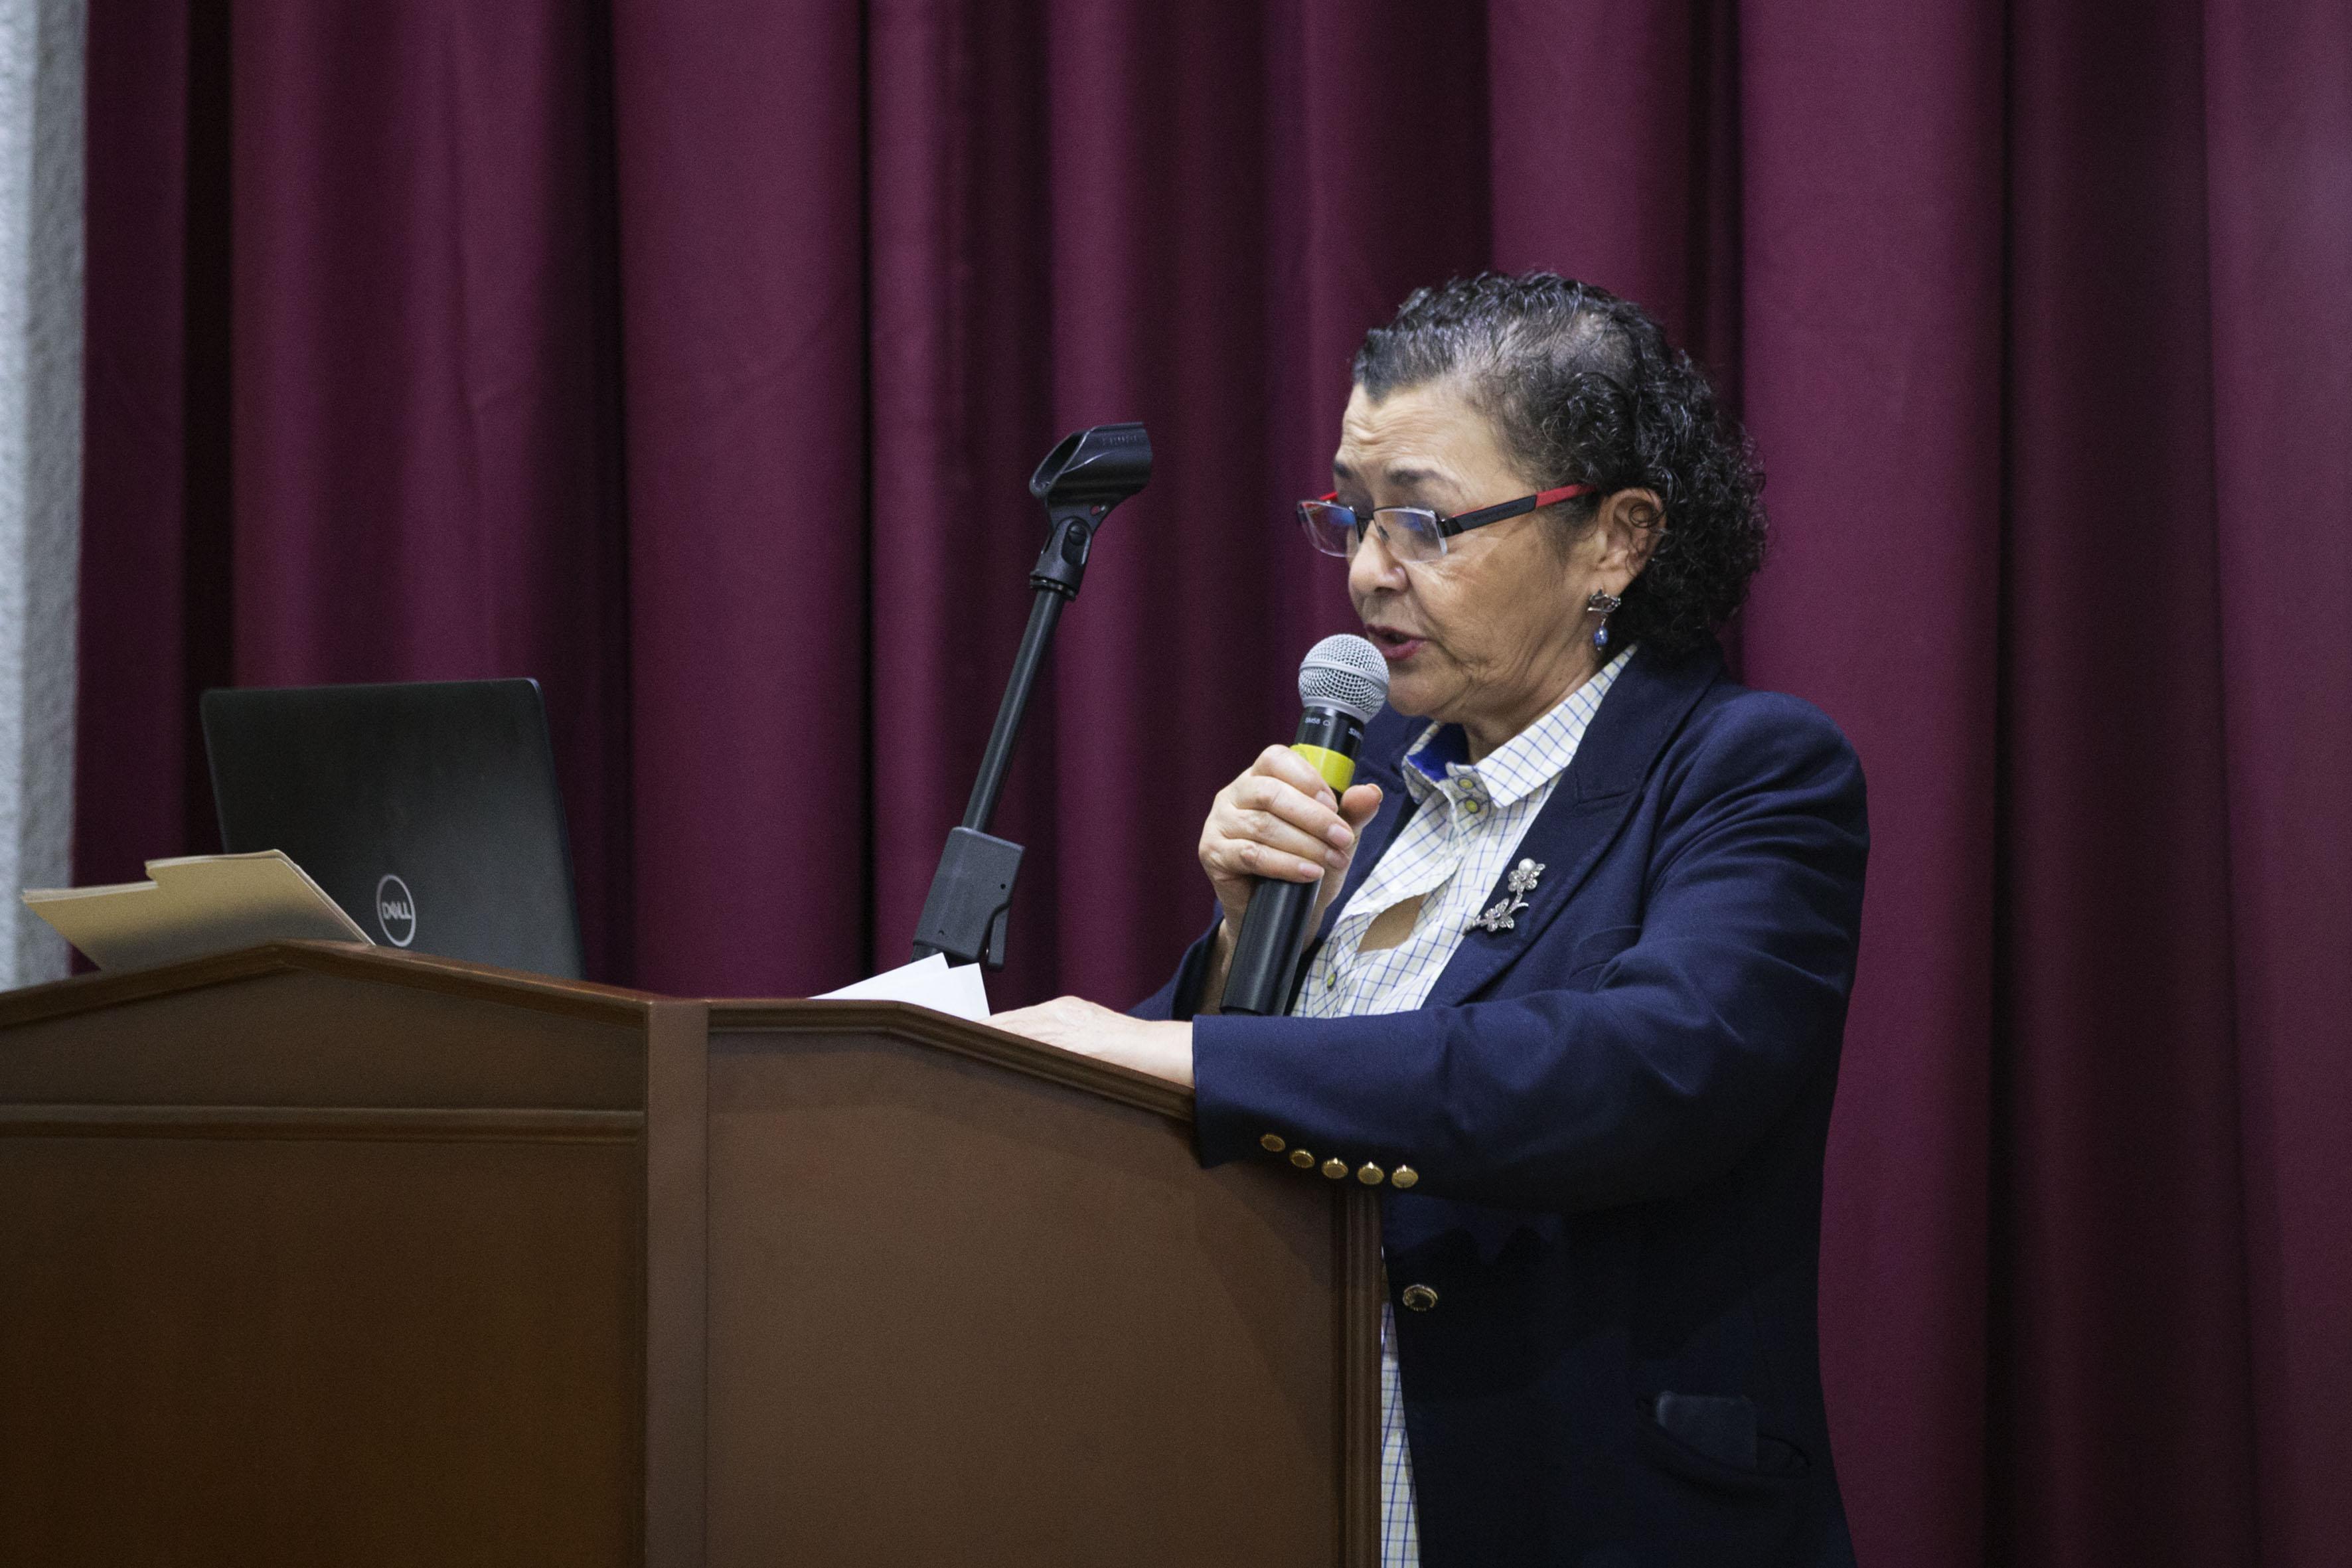 Rectora del CUCEI, doctora Ruth Padilla Muñoz, en podium del evento, haciendo uso de la palabra, durante acto de inauguración del segundo Congreso de Ingeniería Industrial Logística.